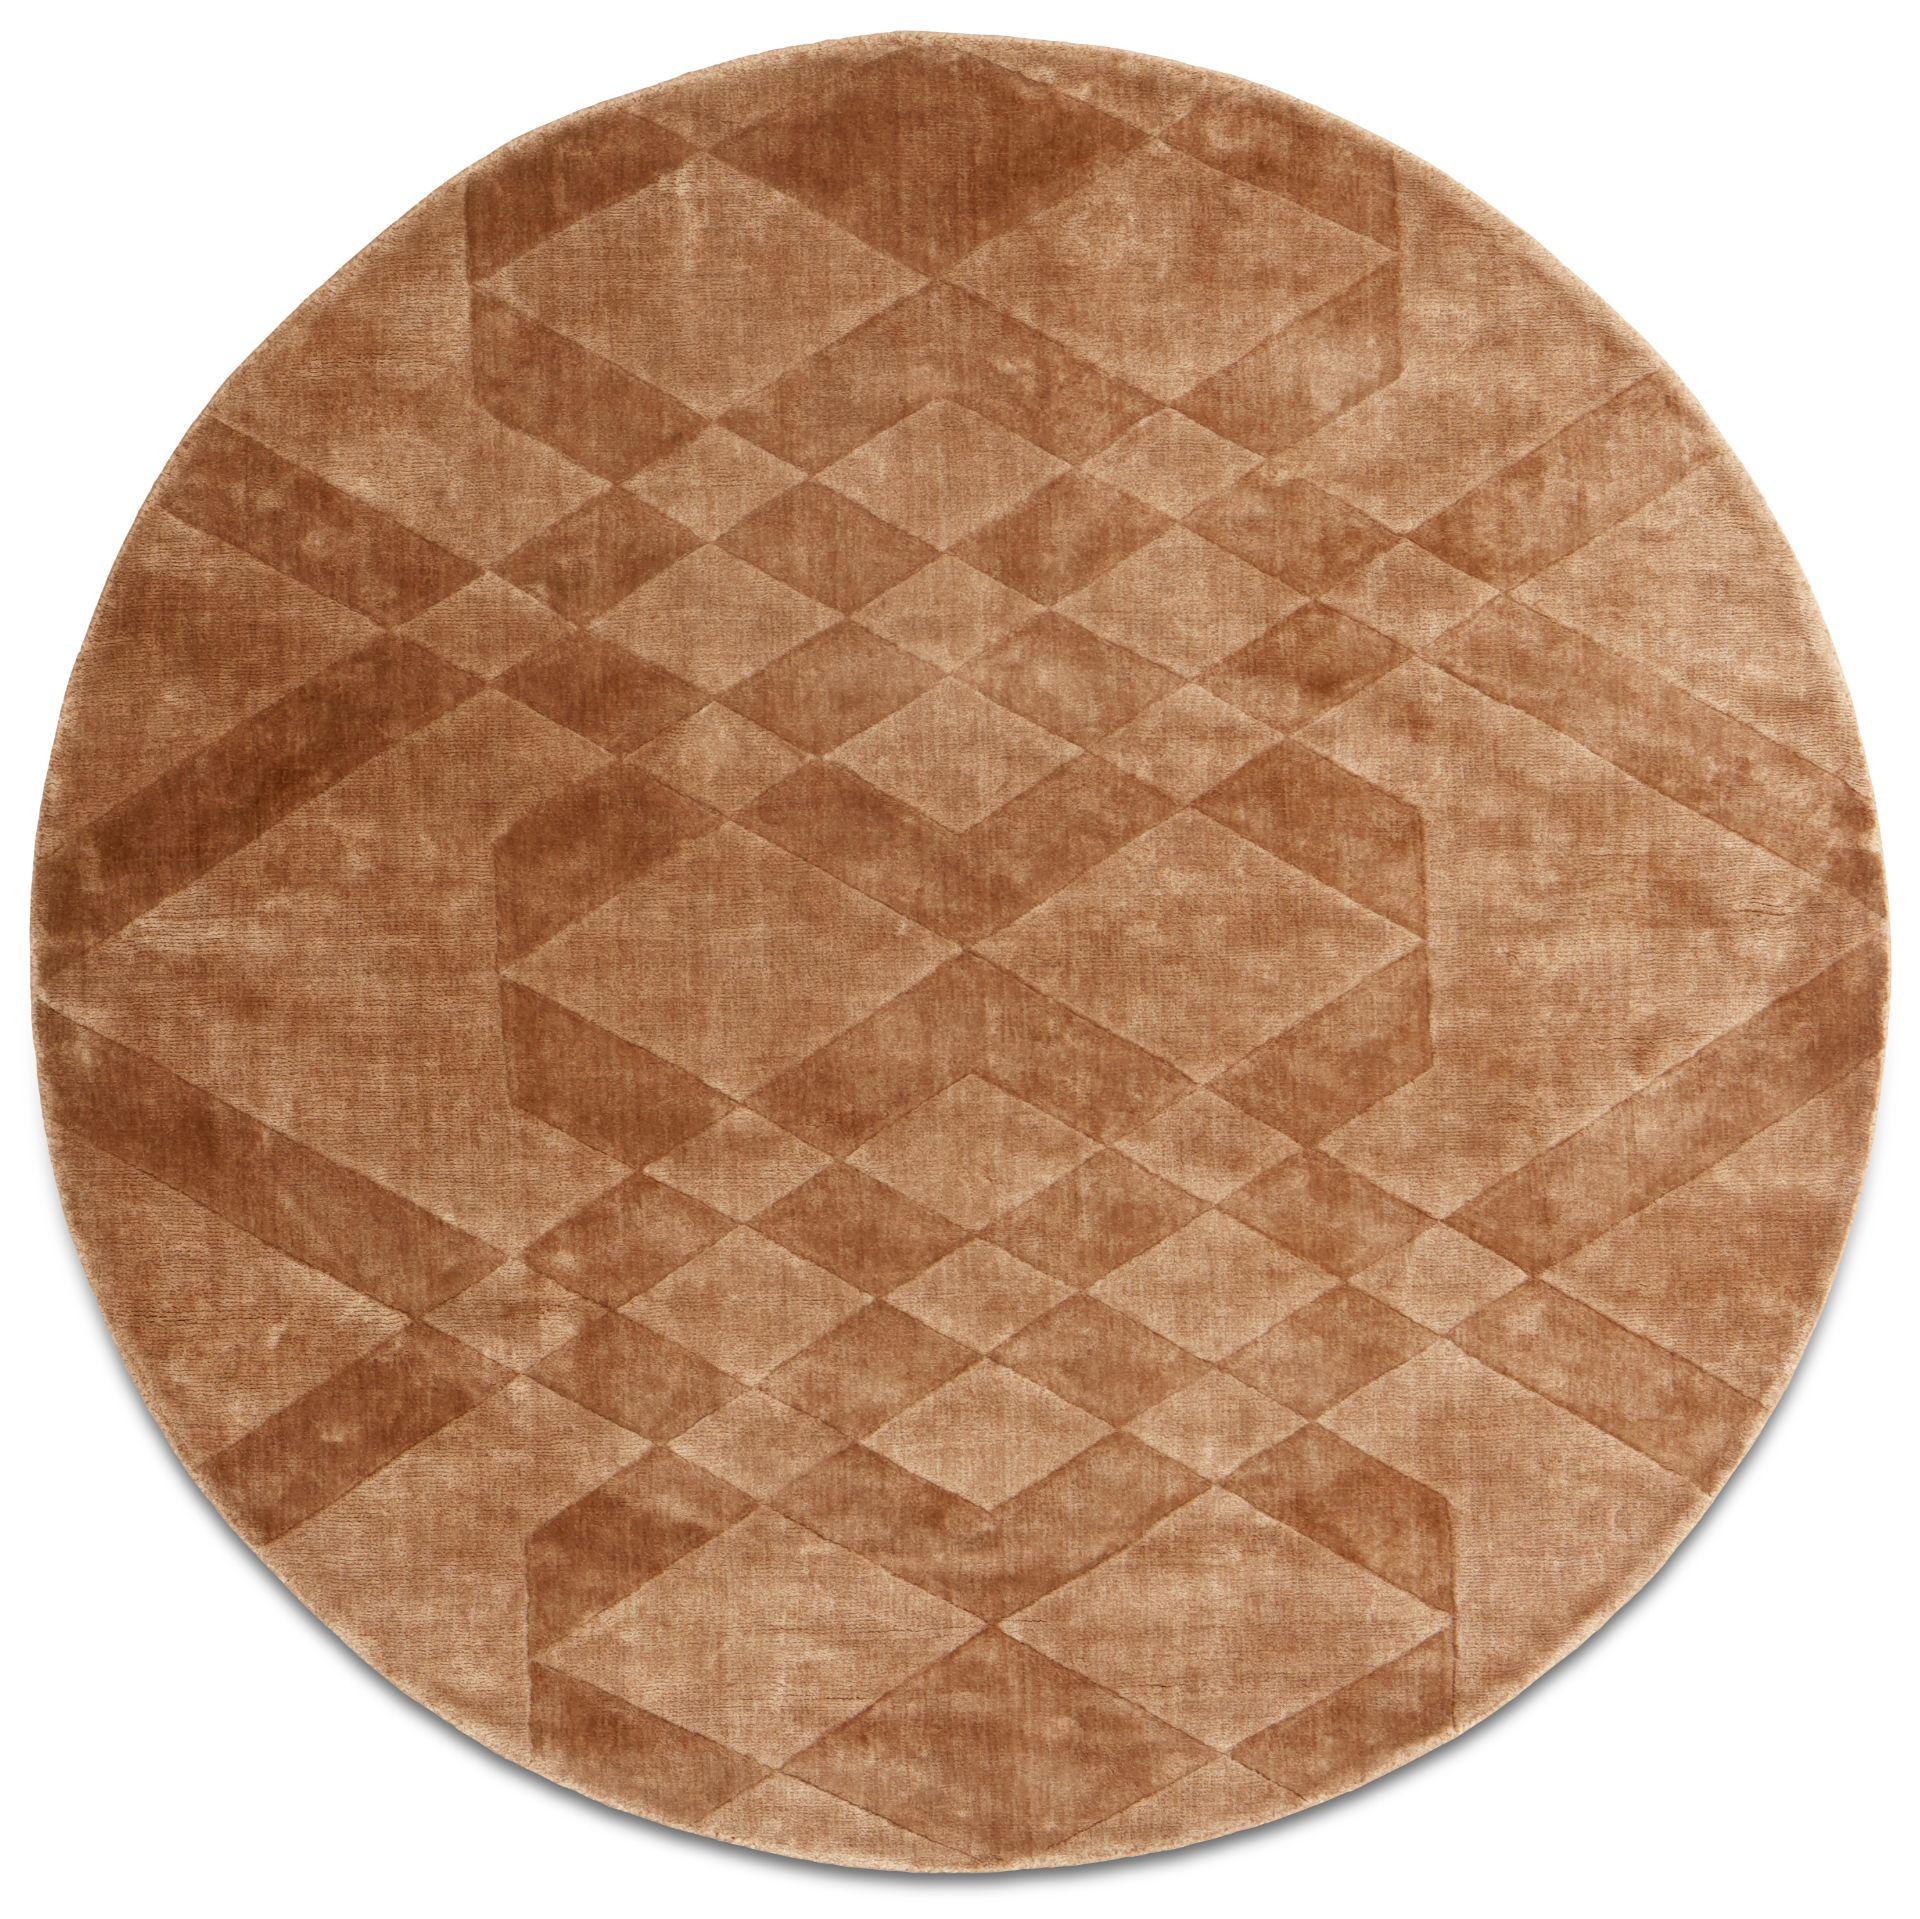 Tangle rug